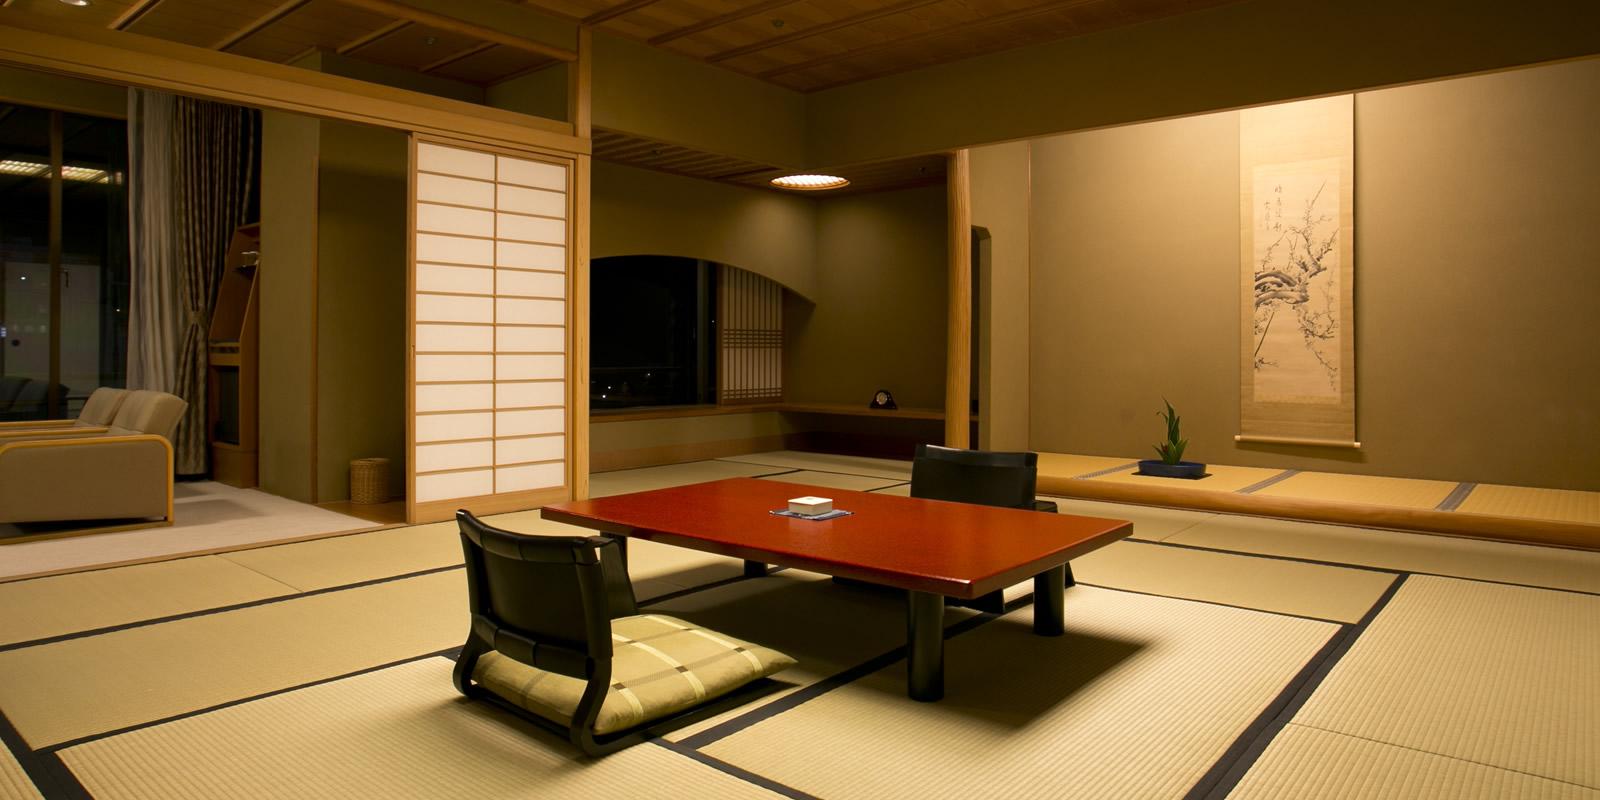 Après avoir profité des sources chaudes et enfilé un kimono, détendez-vous en dégustant un repas exquis de bœuf de Kobe.